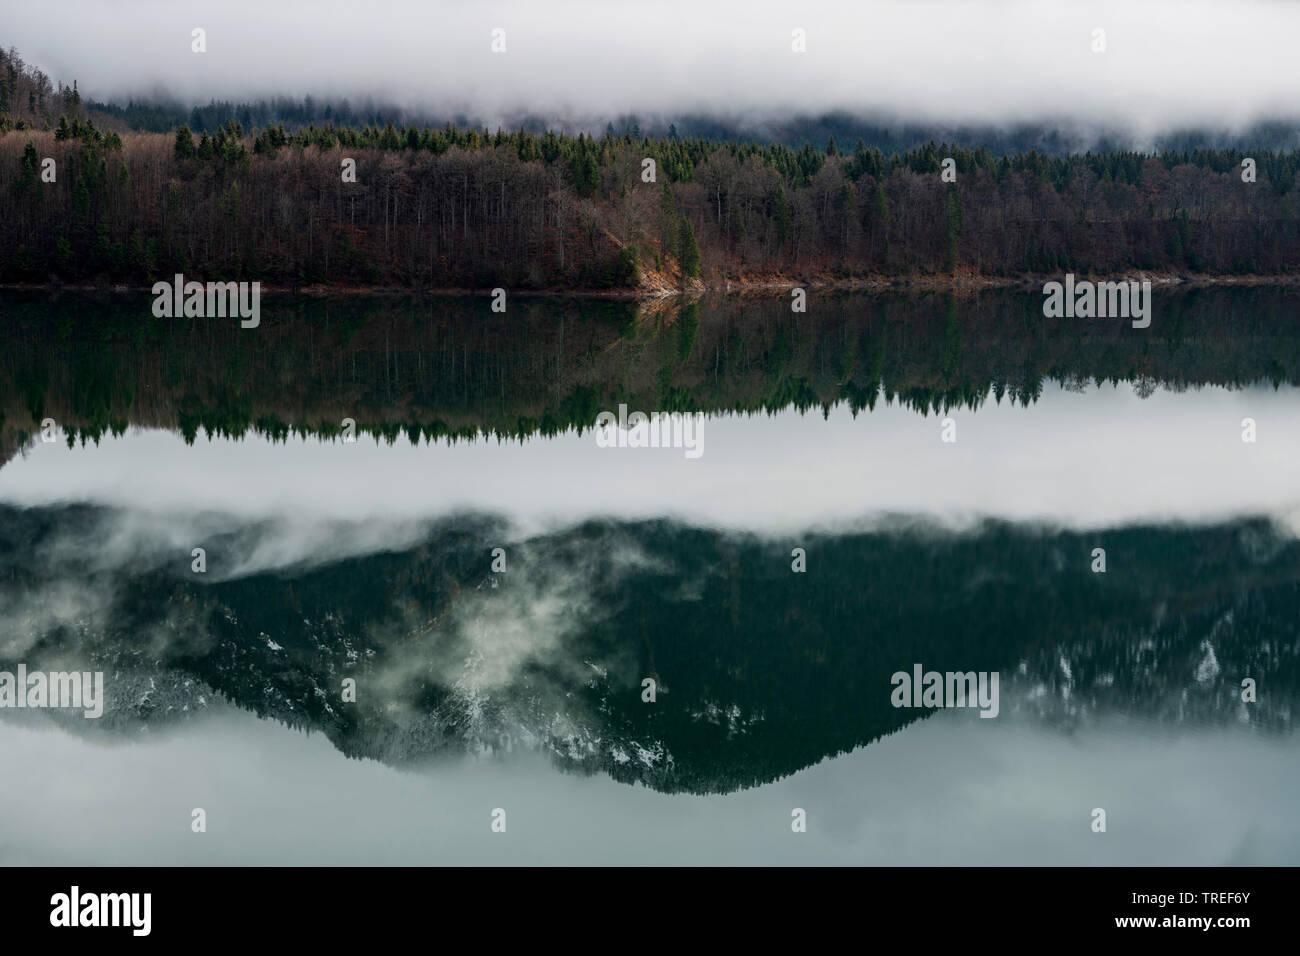 Sylvensteinsee mit Spiegelungen der Landschaft im Wasser, Deutschland, Bayern, Karwendel-Gebirge | Lake Sylvenstein with mirror image of the landscape - Stock Image